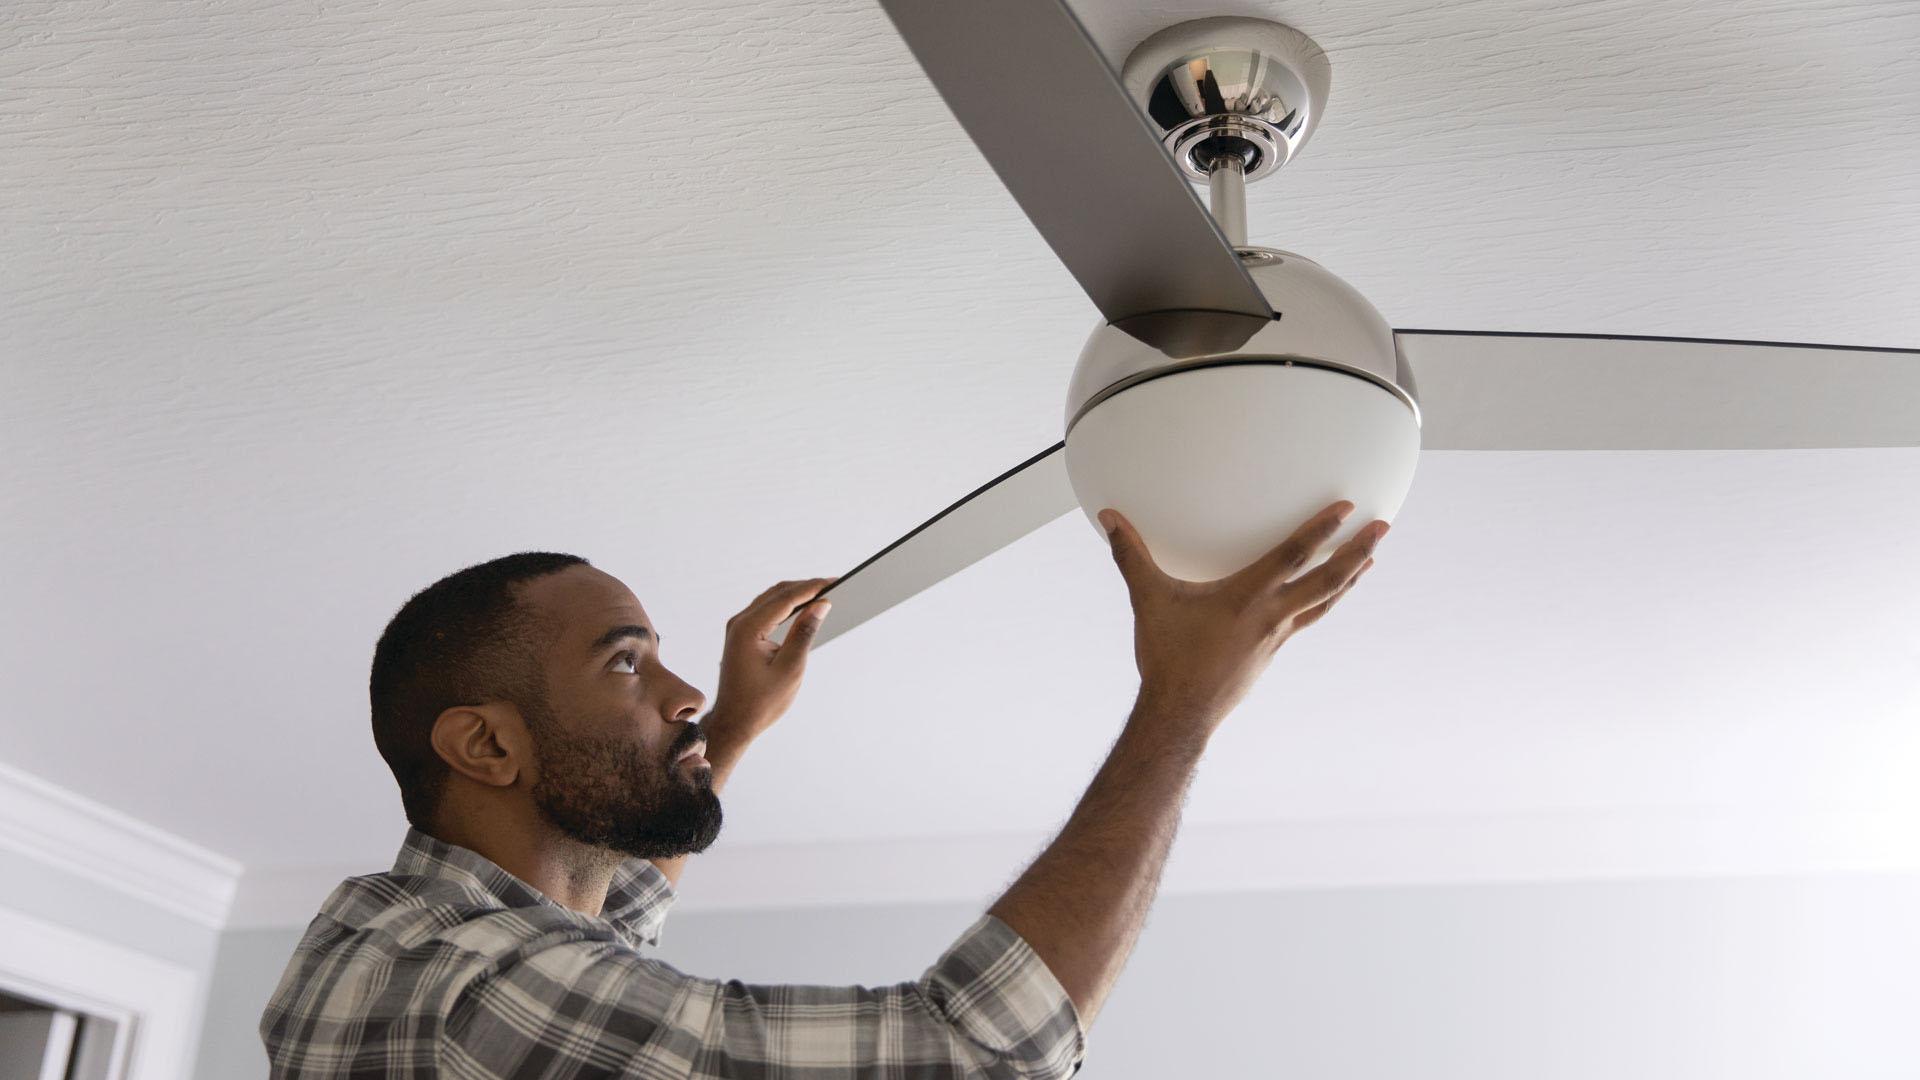 Ceiling Fan Light Switch Wiring Diagram Further Ceiling Fan Wiring